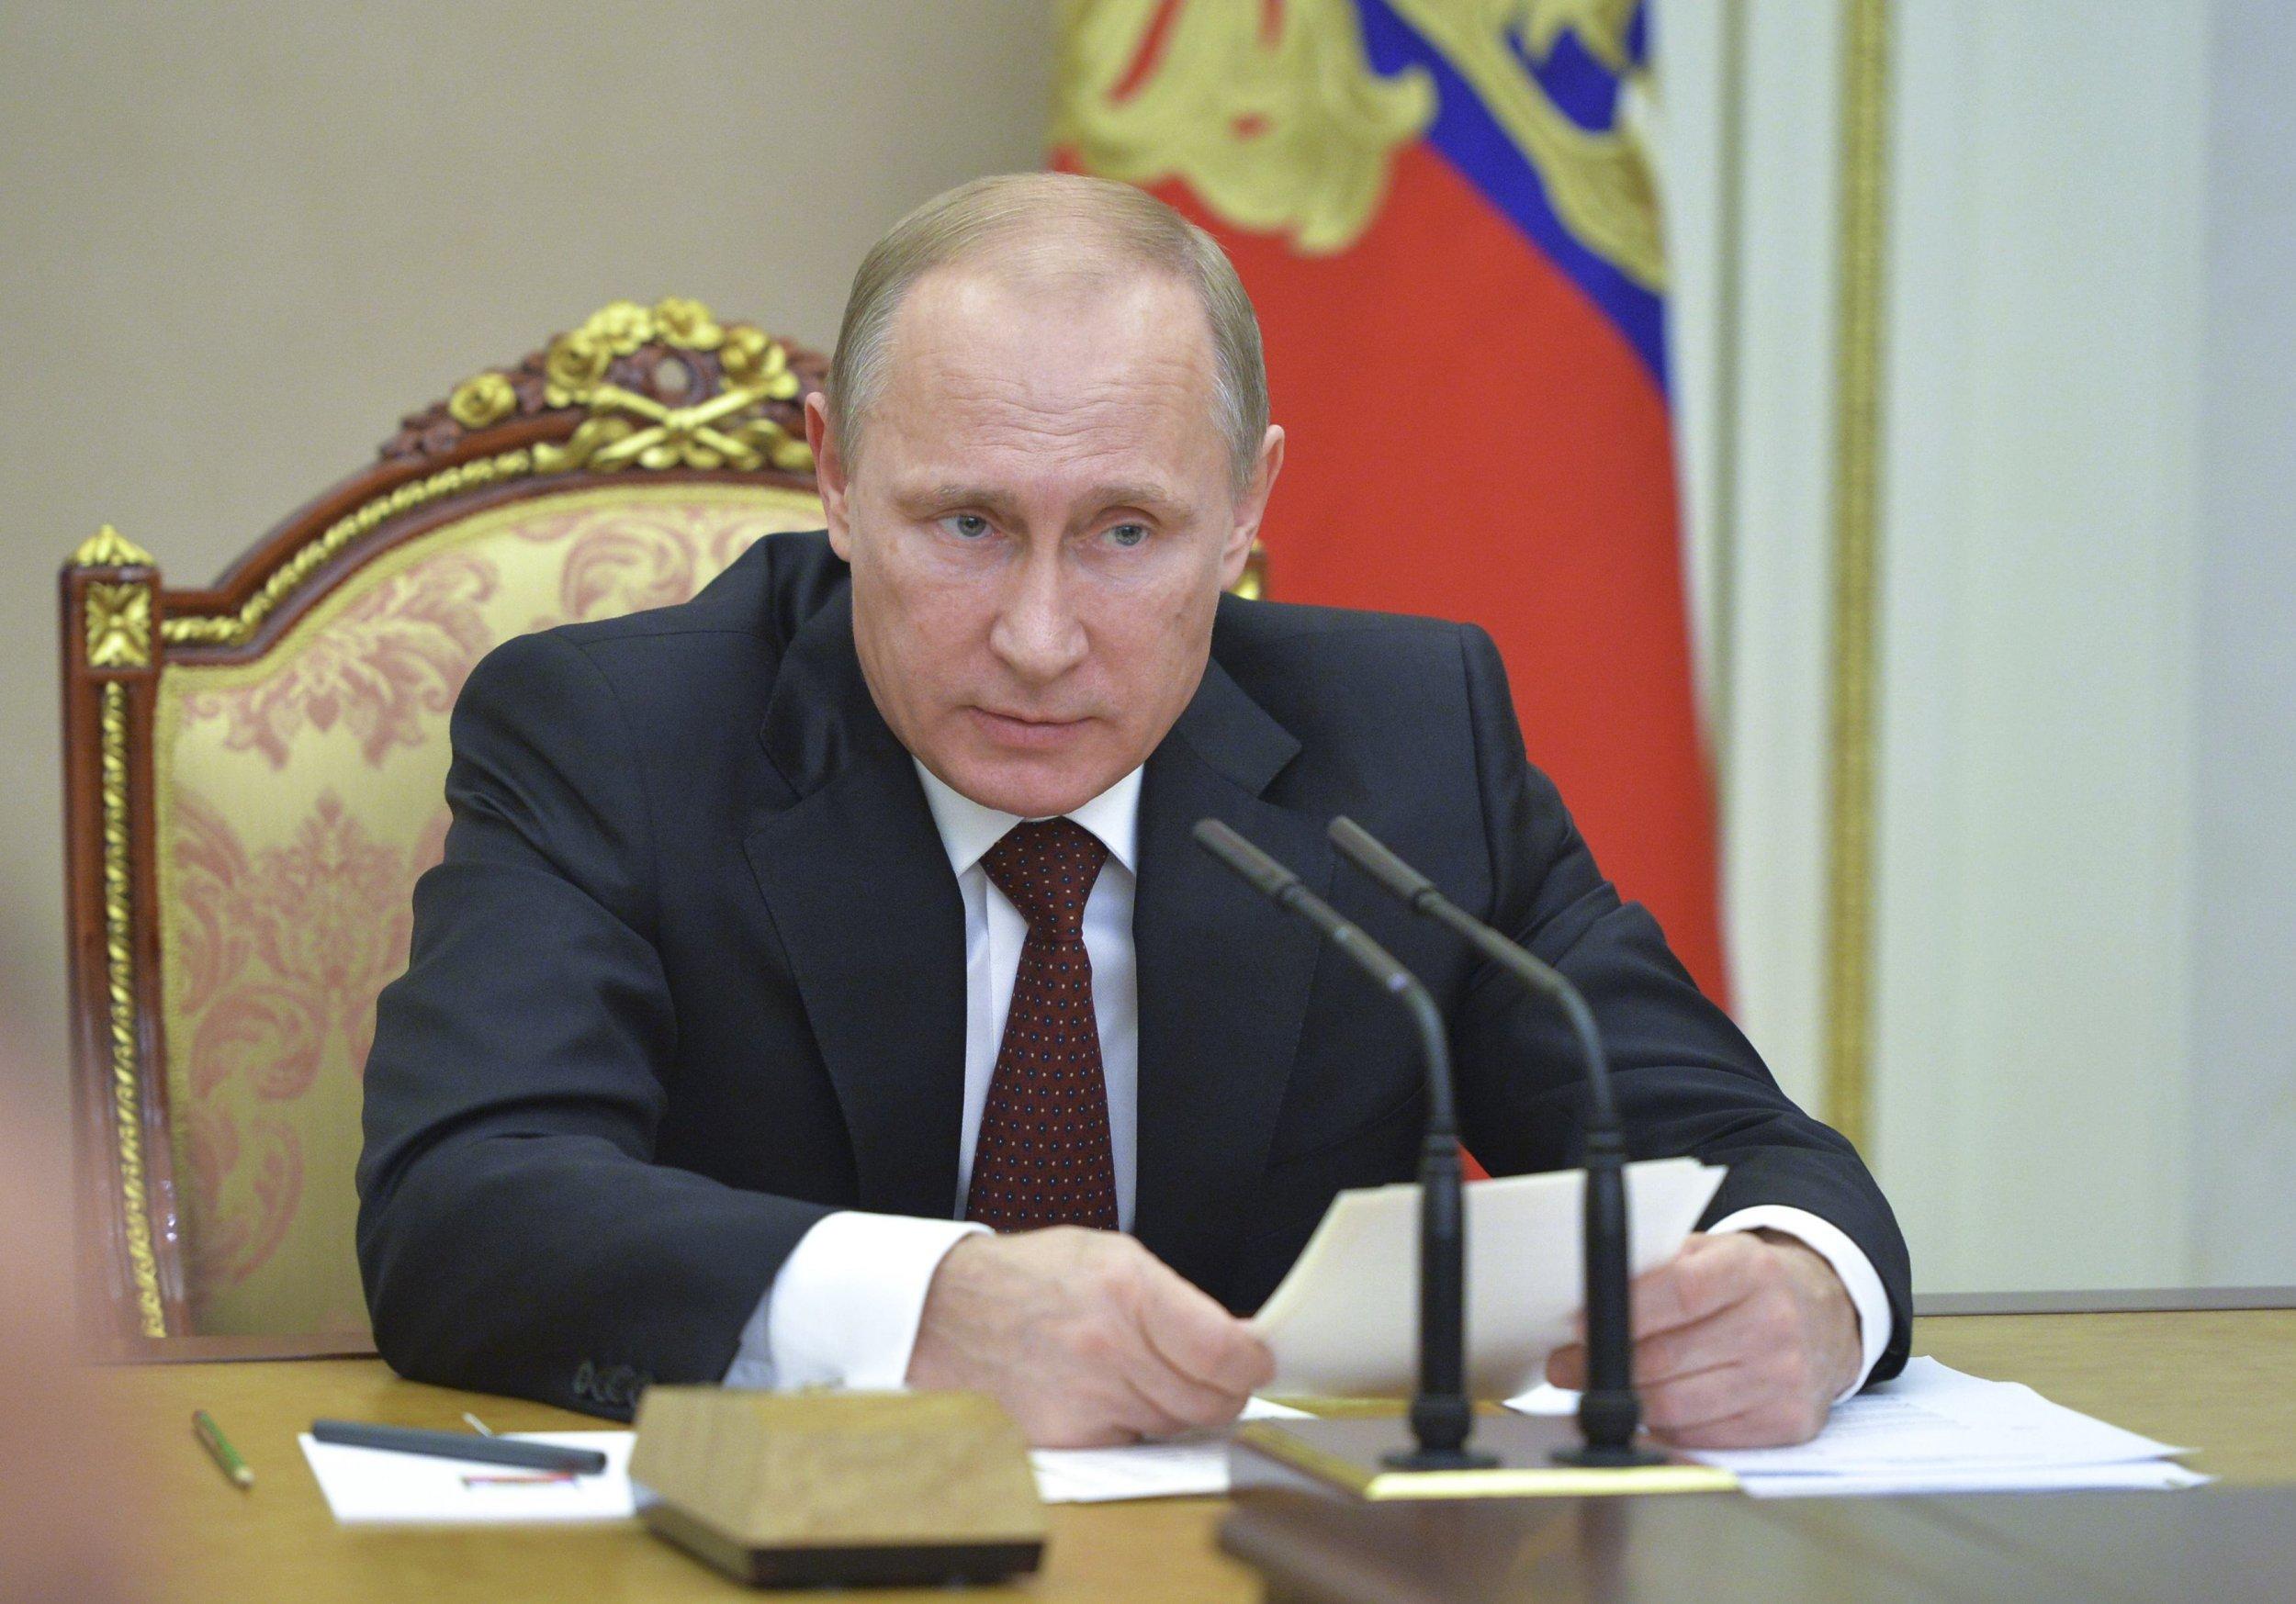 2014-11-20T153814Z_383223650_GM1EABK1TL201_RTRMADP_3_RUSSIA-POLITICS